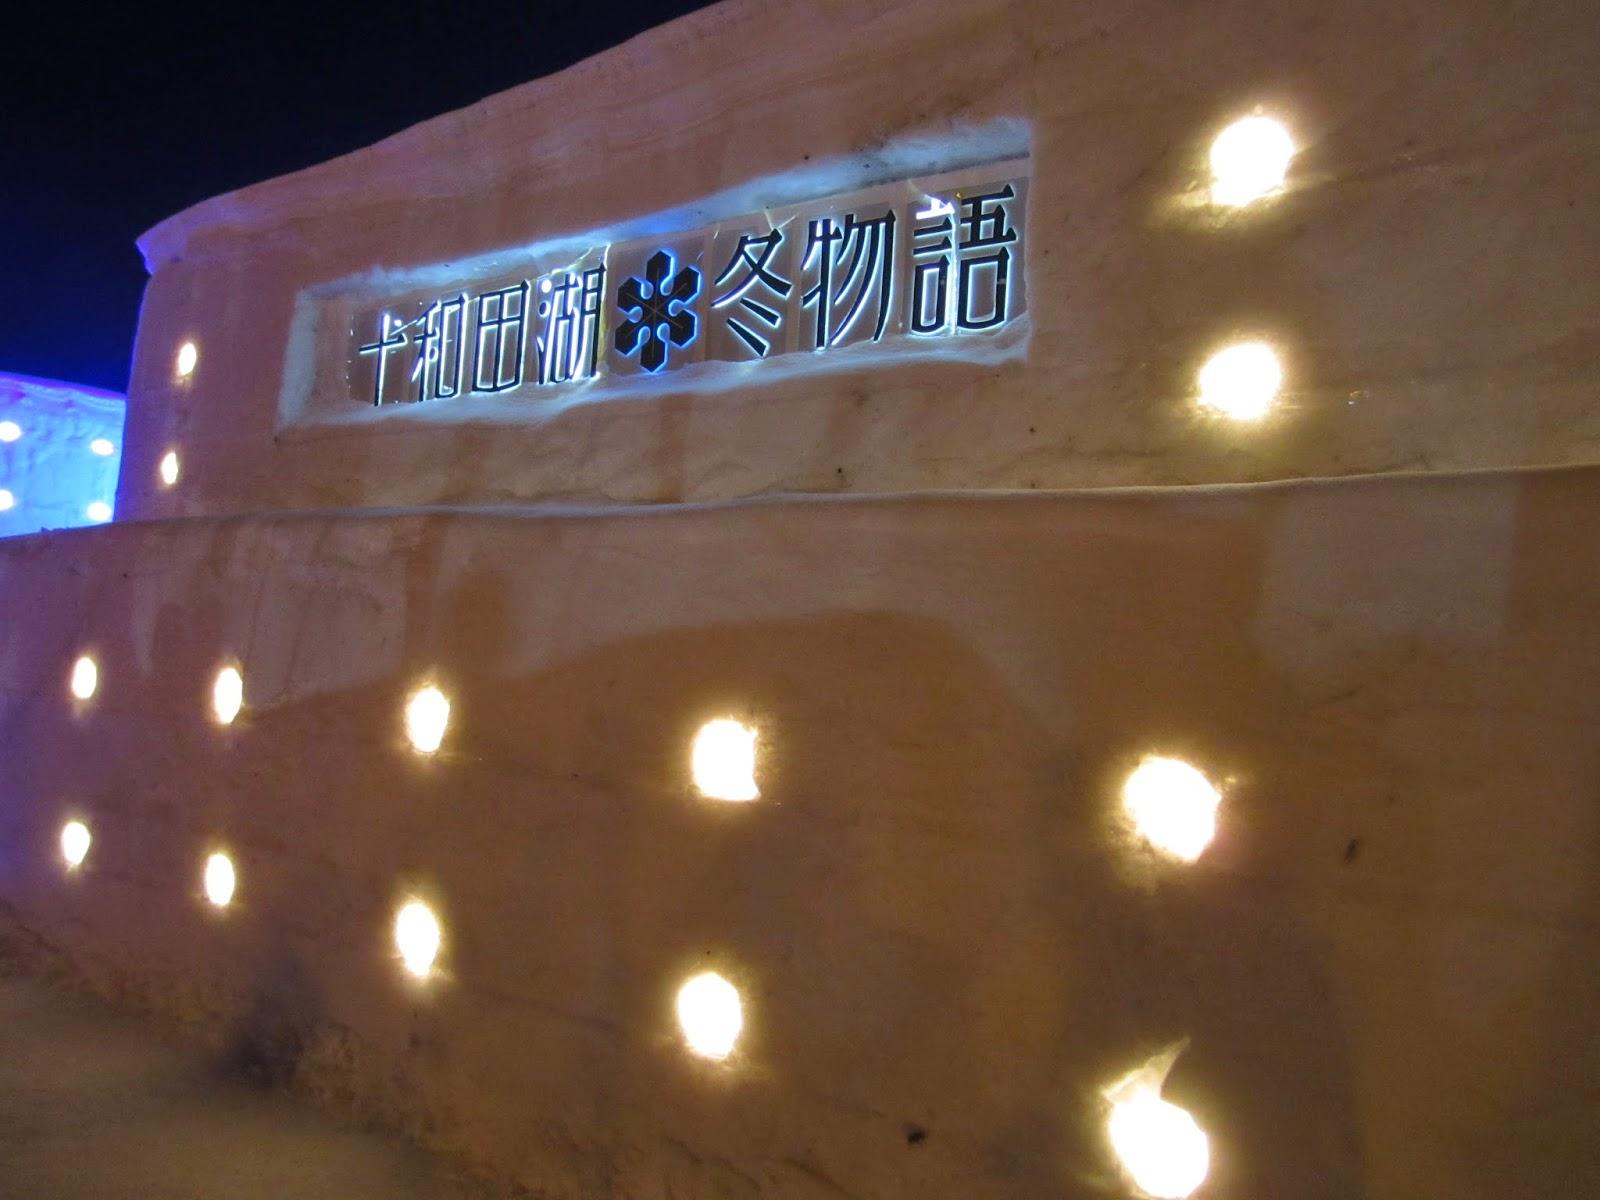 Lake Towada Winter Story Towadako Fuyu Monogatari